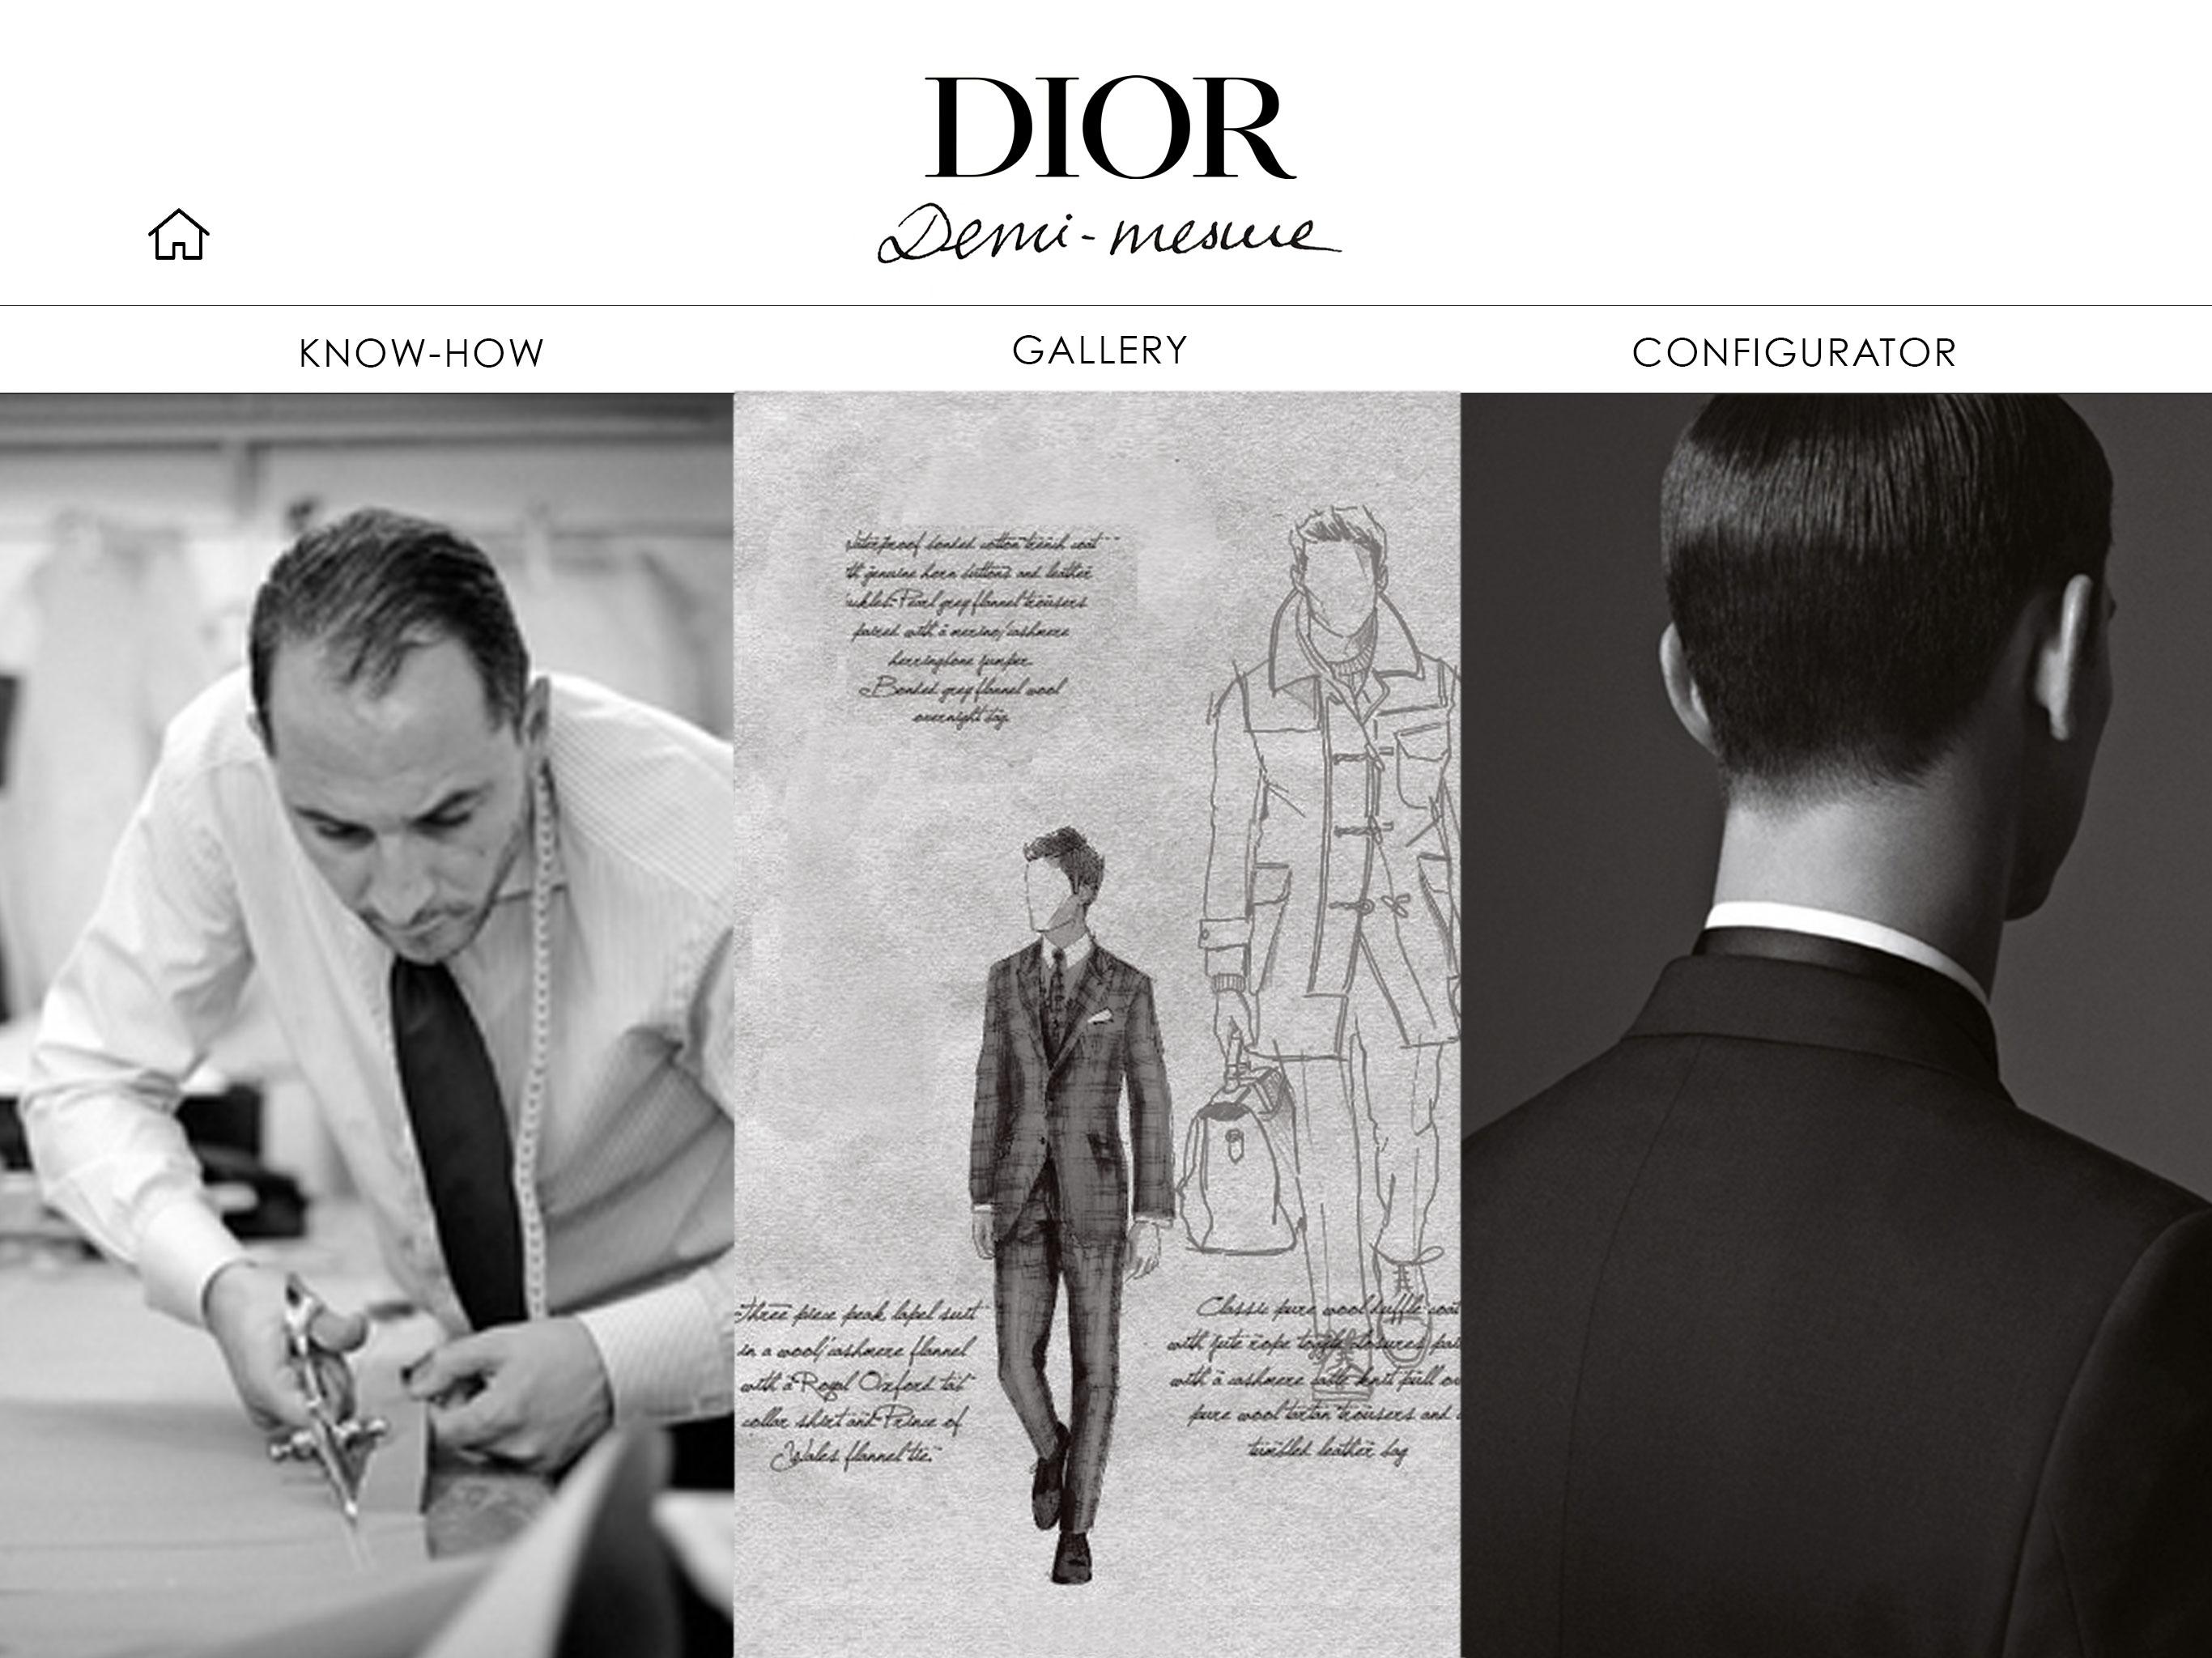 Dior Ipad App